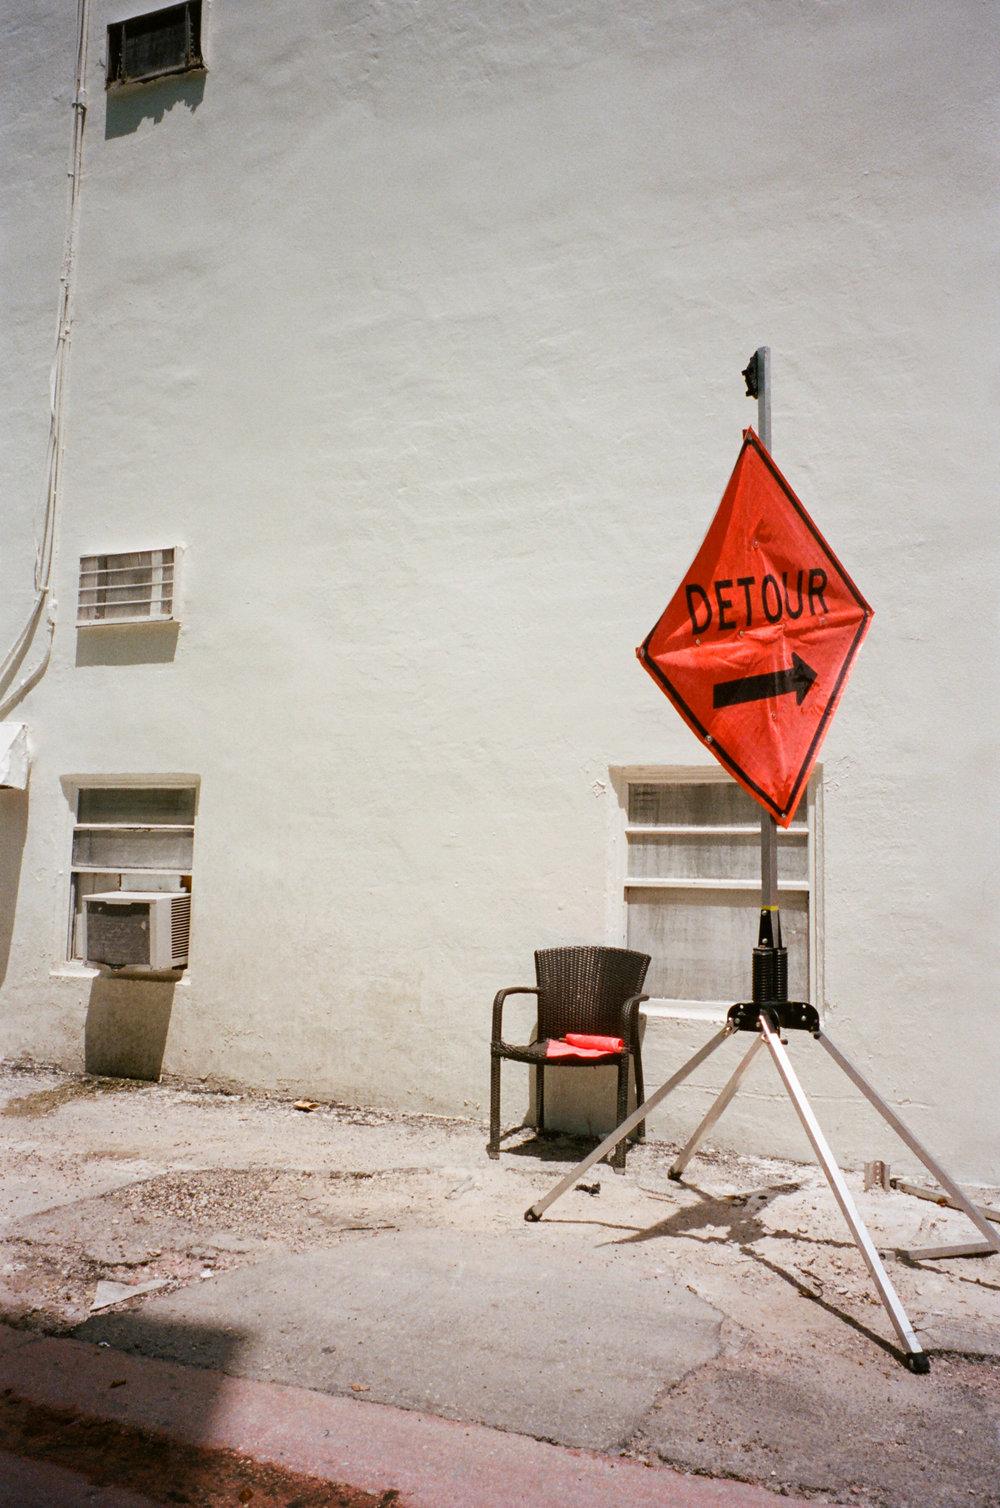 Detour in Miami